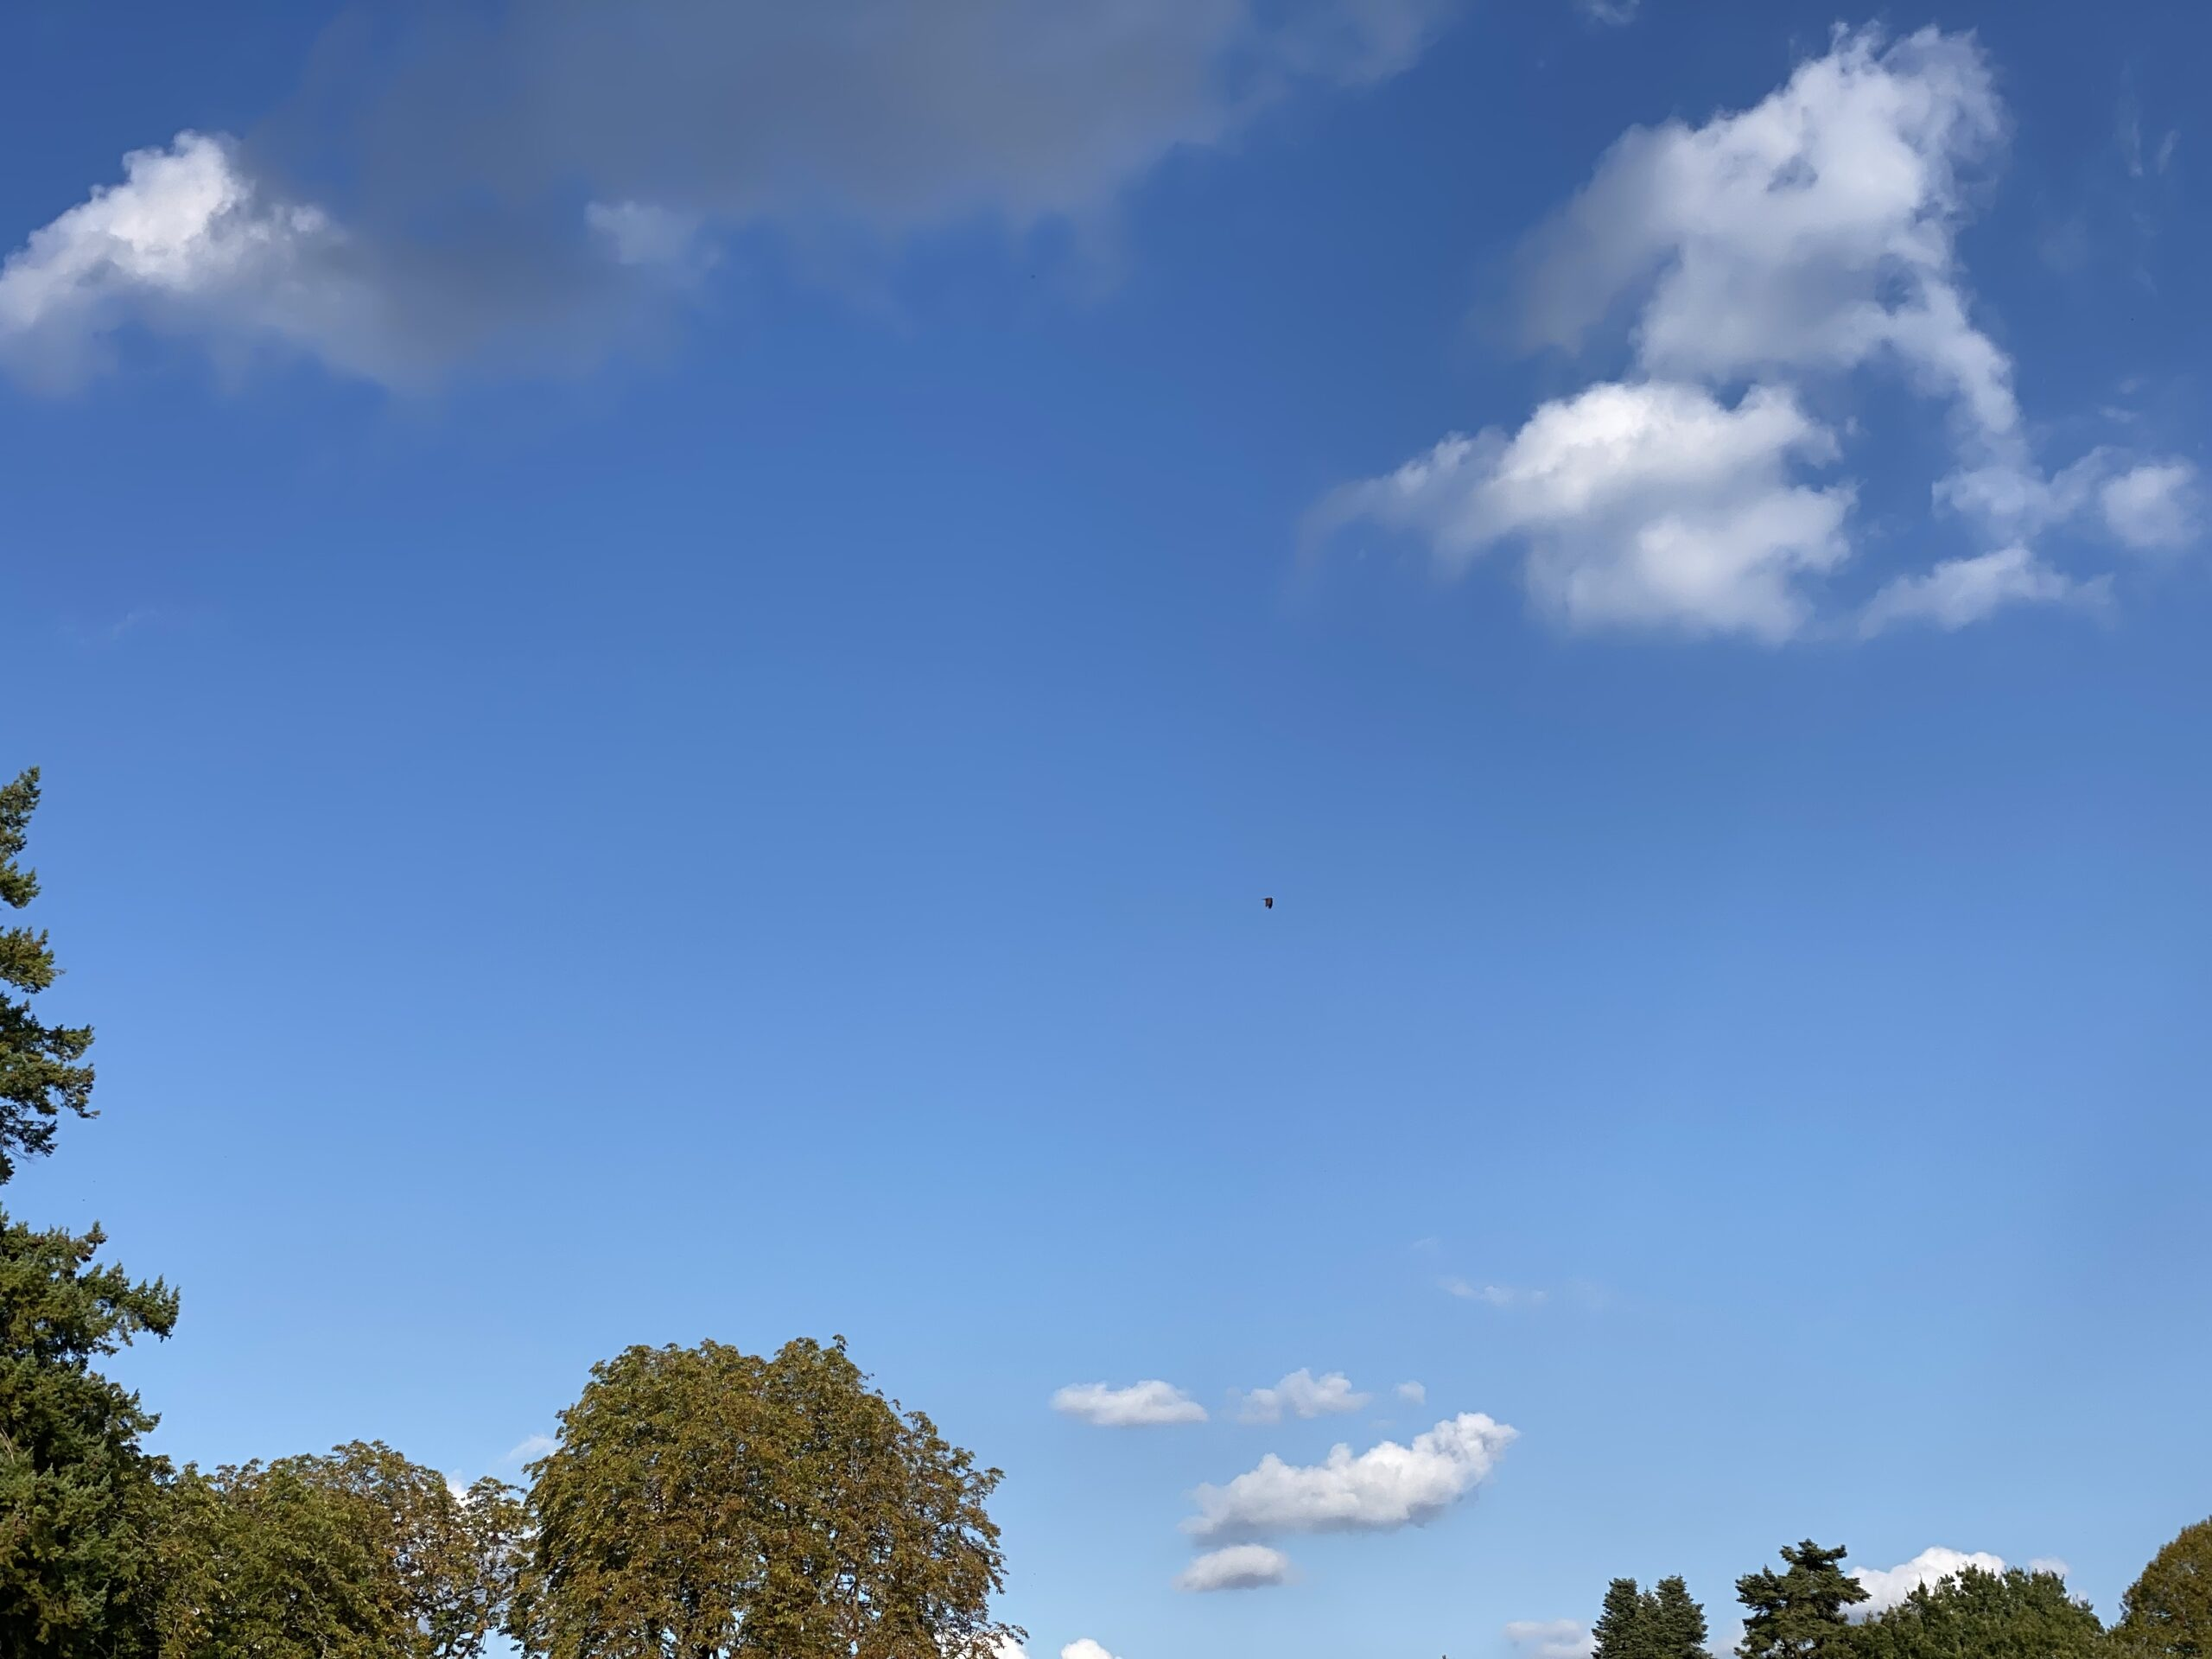 Sky at Bonnevaux